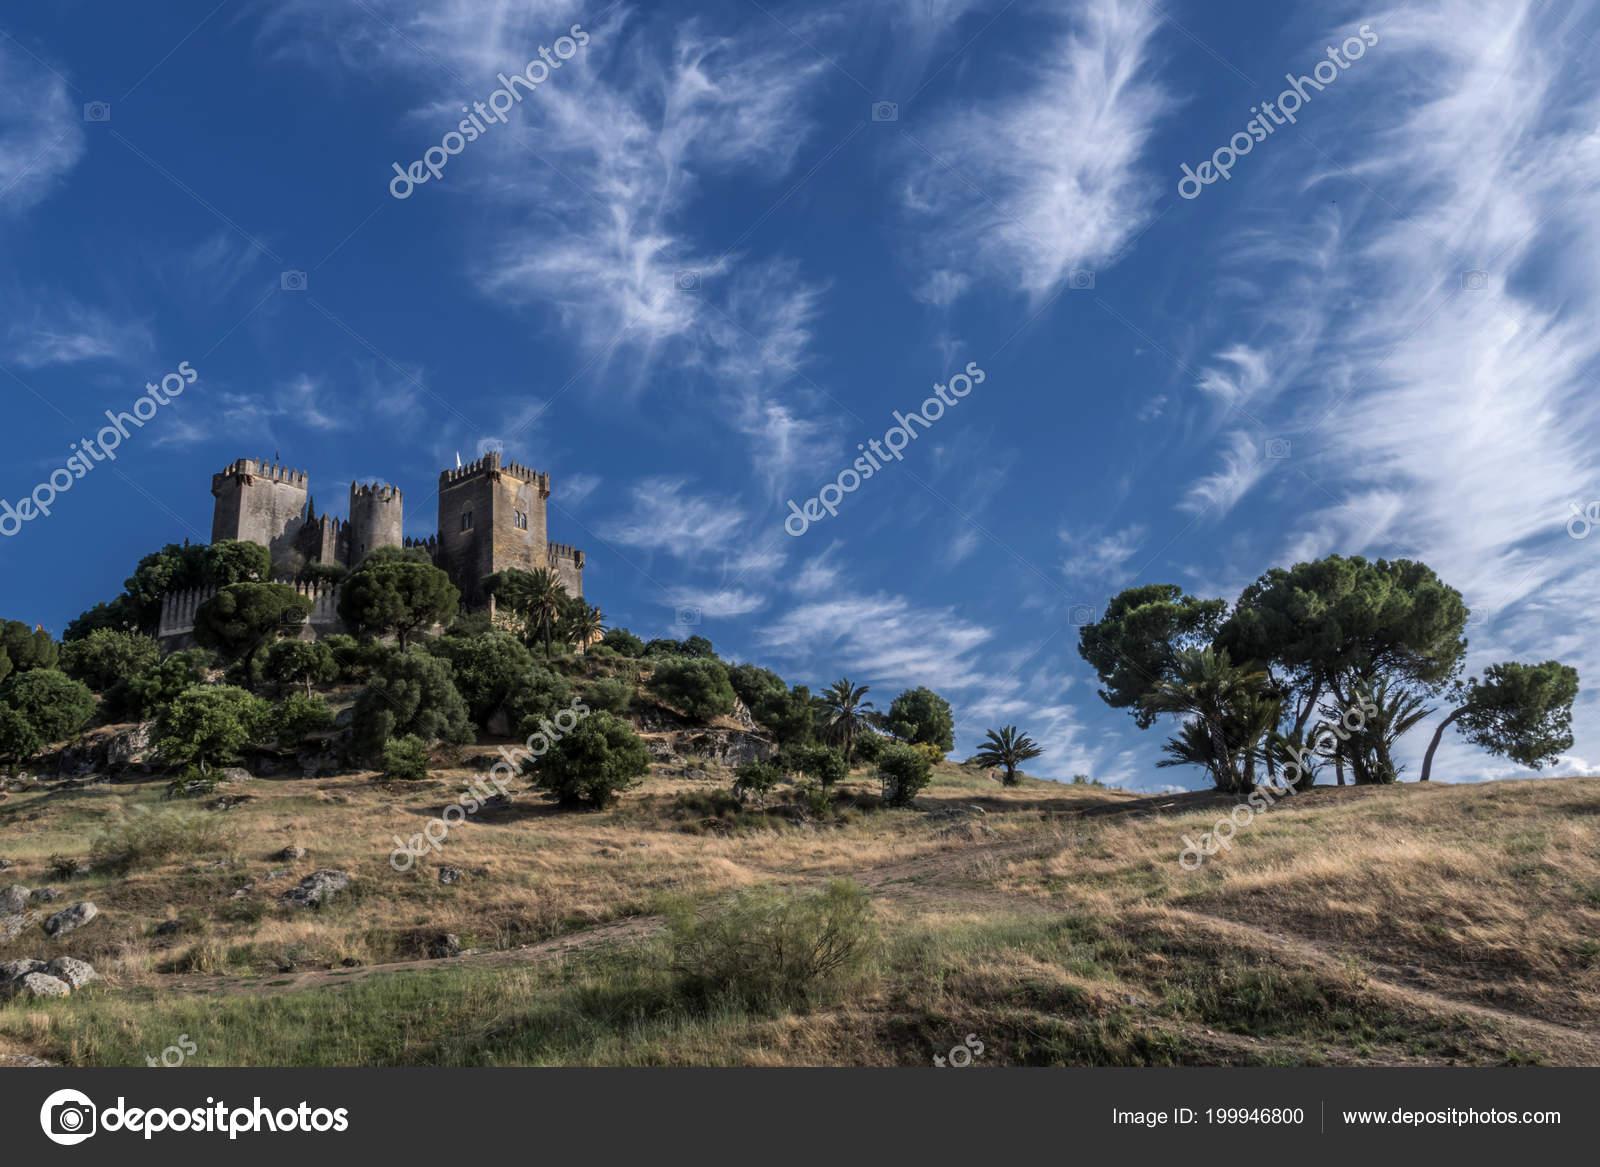 társkereső kastély